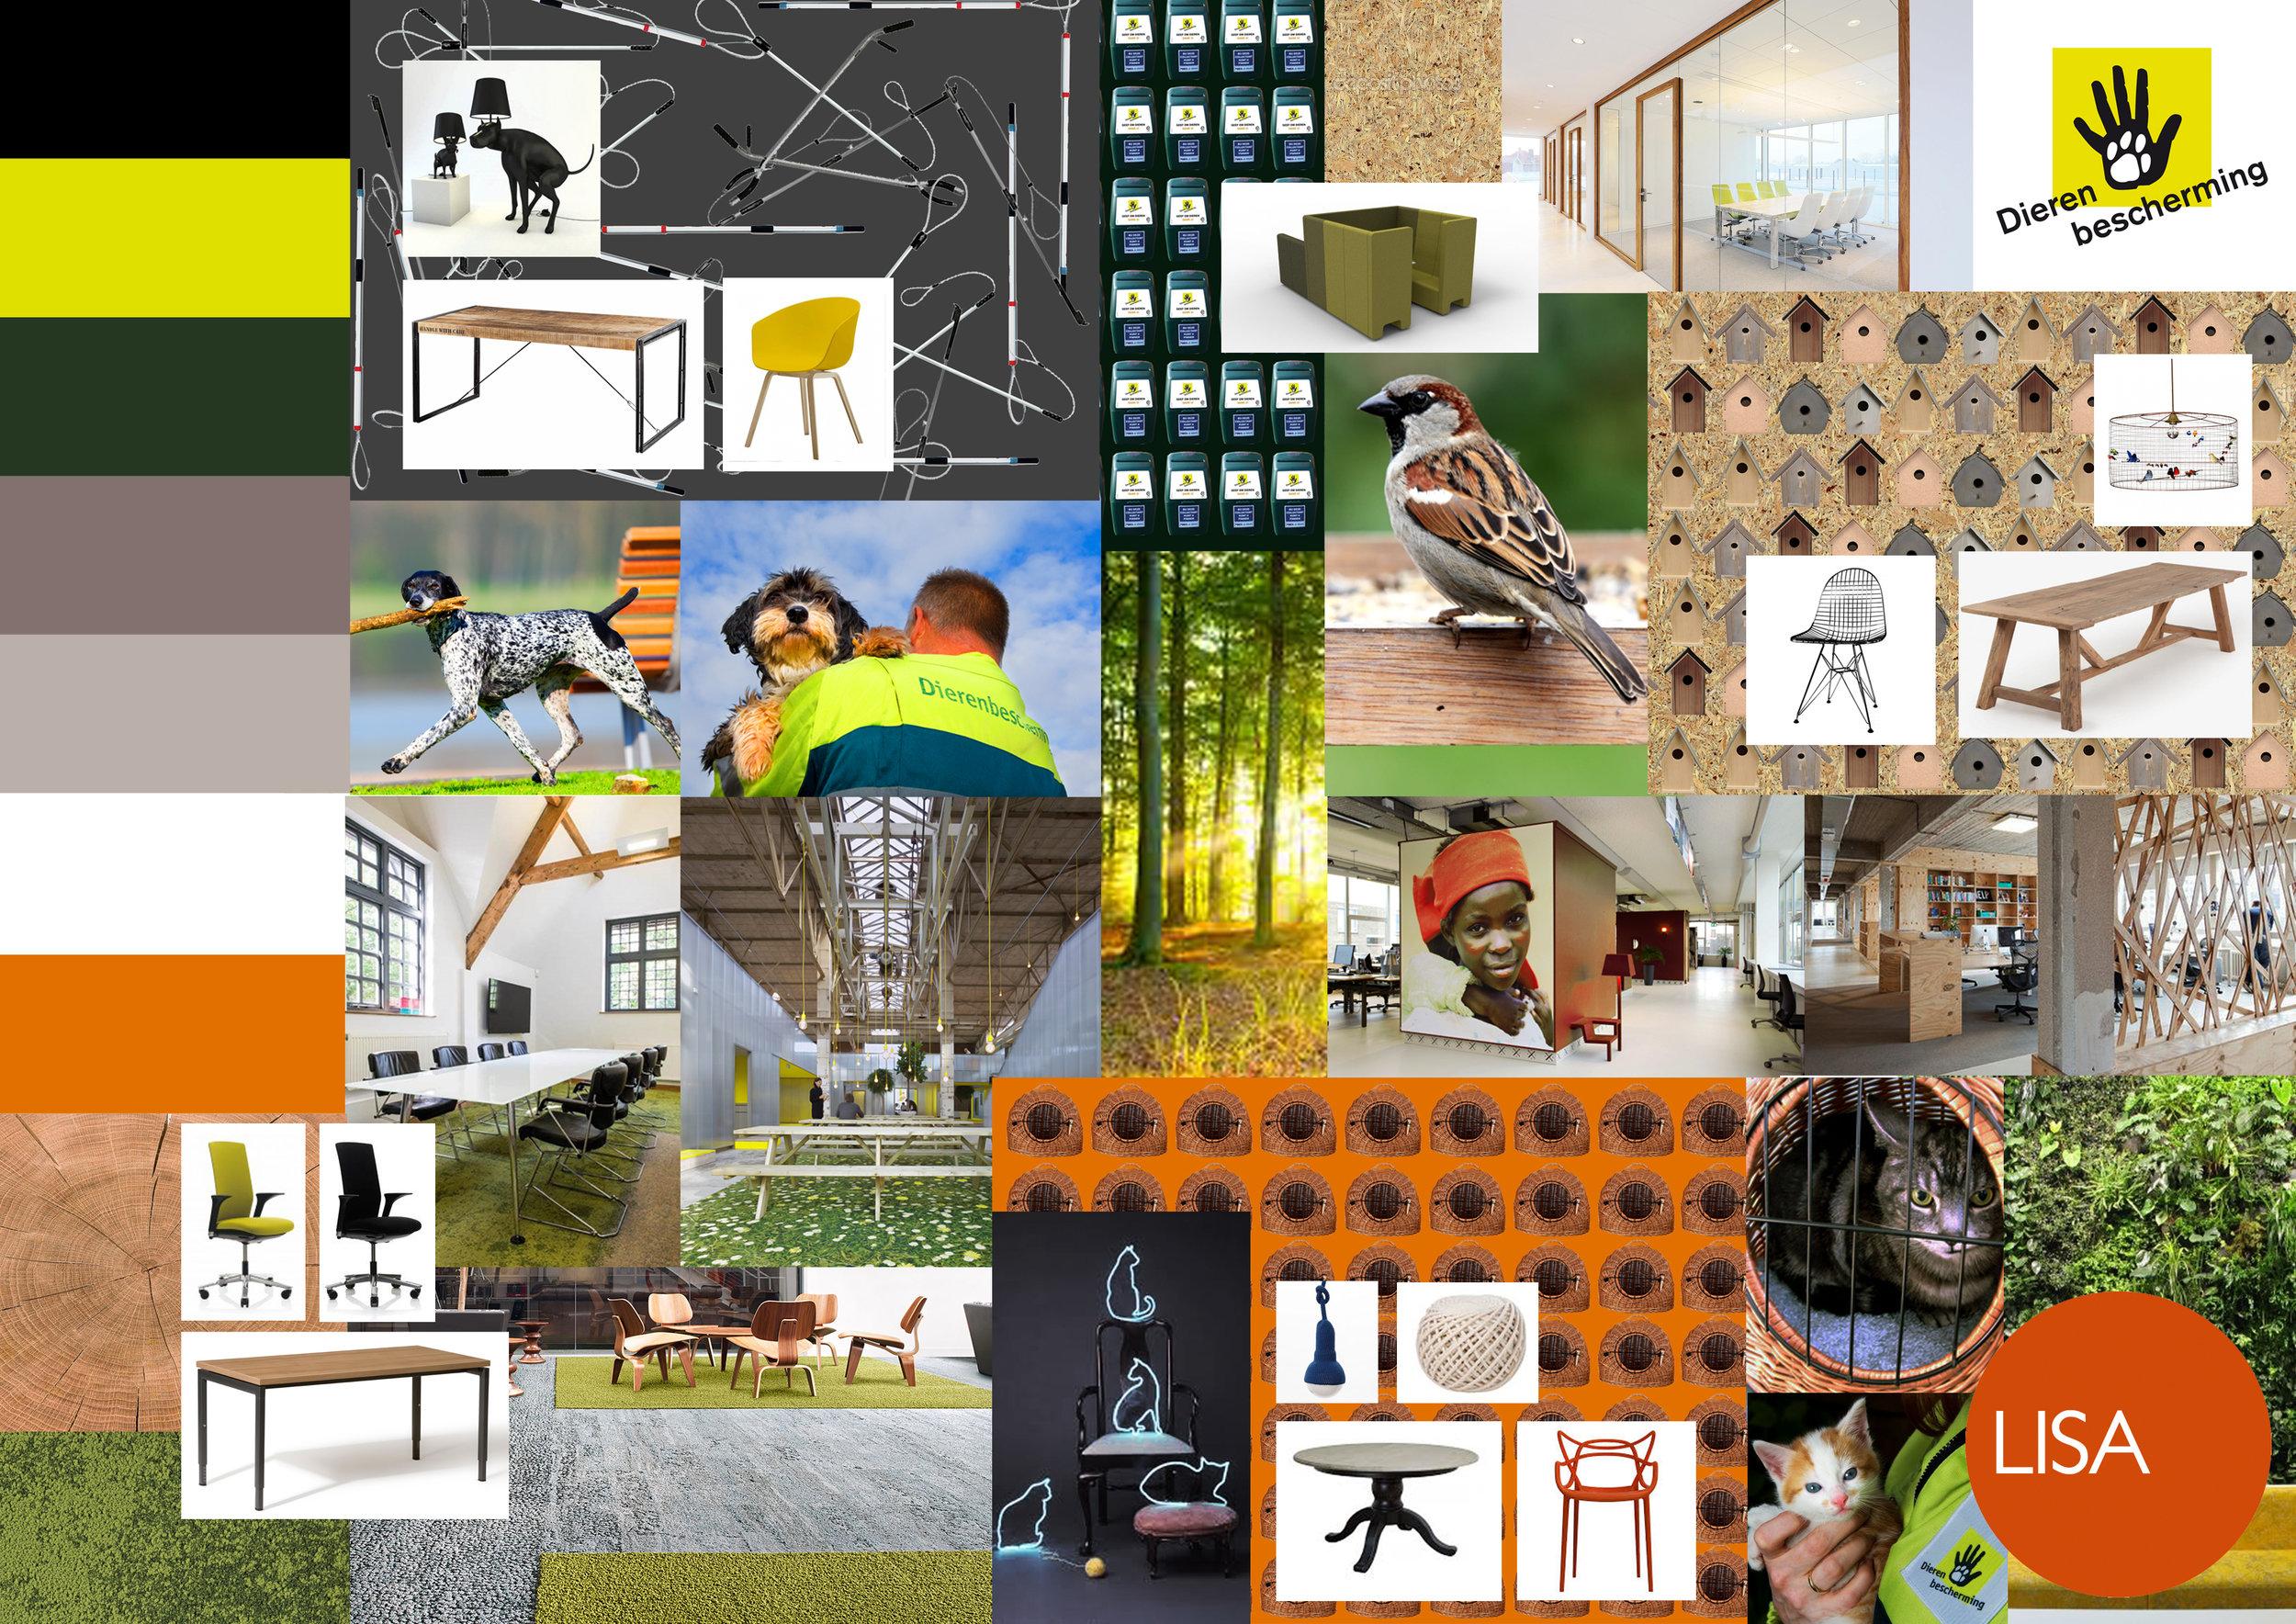 00 moodboard Dierenbescherming 20112015.jpg